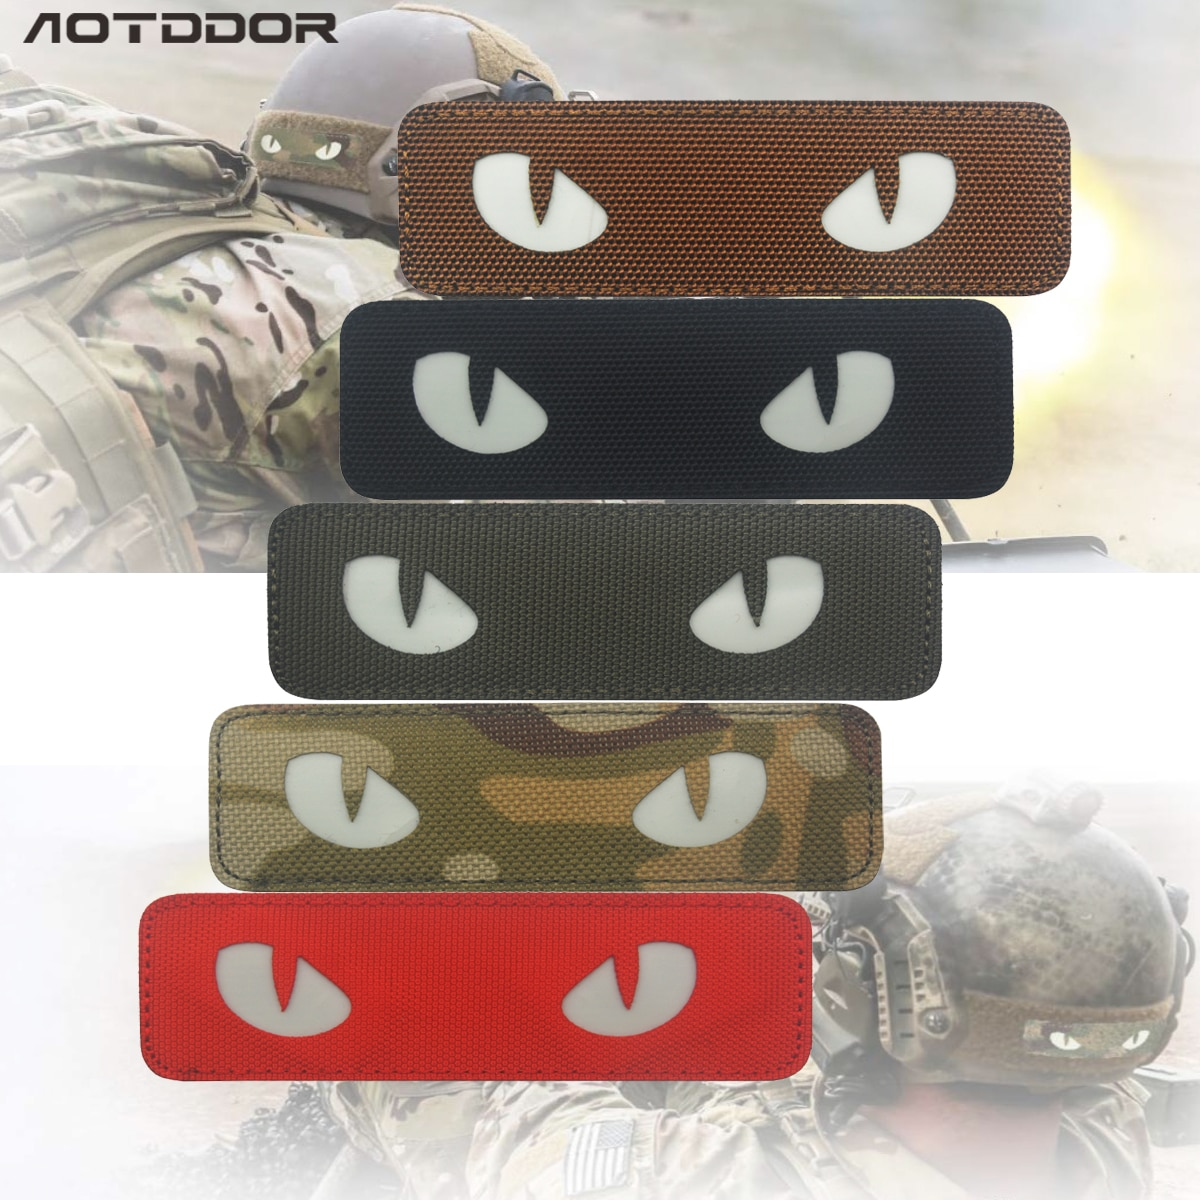 Parche de ojo de gato de PVC en 3D, parches reflectantes EMT IR, parche moral táctico militar, cierre de goma para motorista, insignias que brillan en la oscuridad